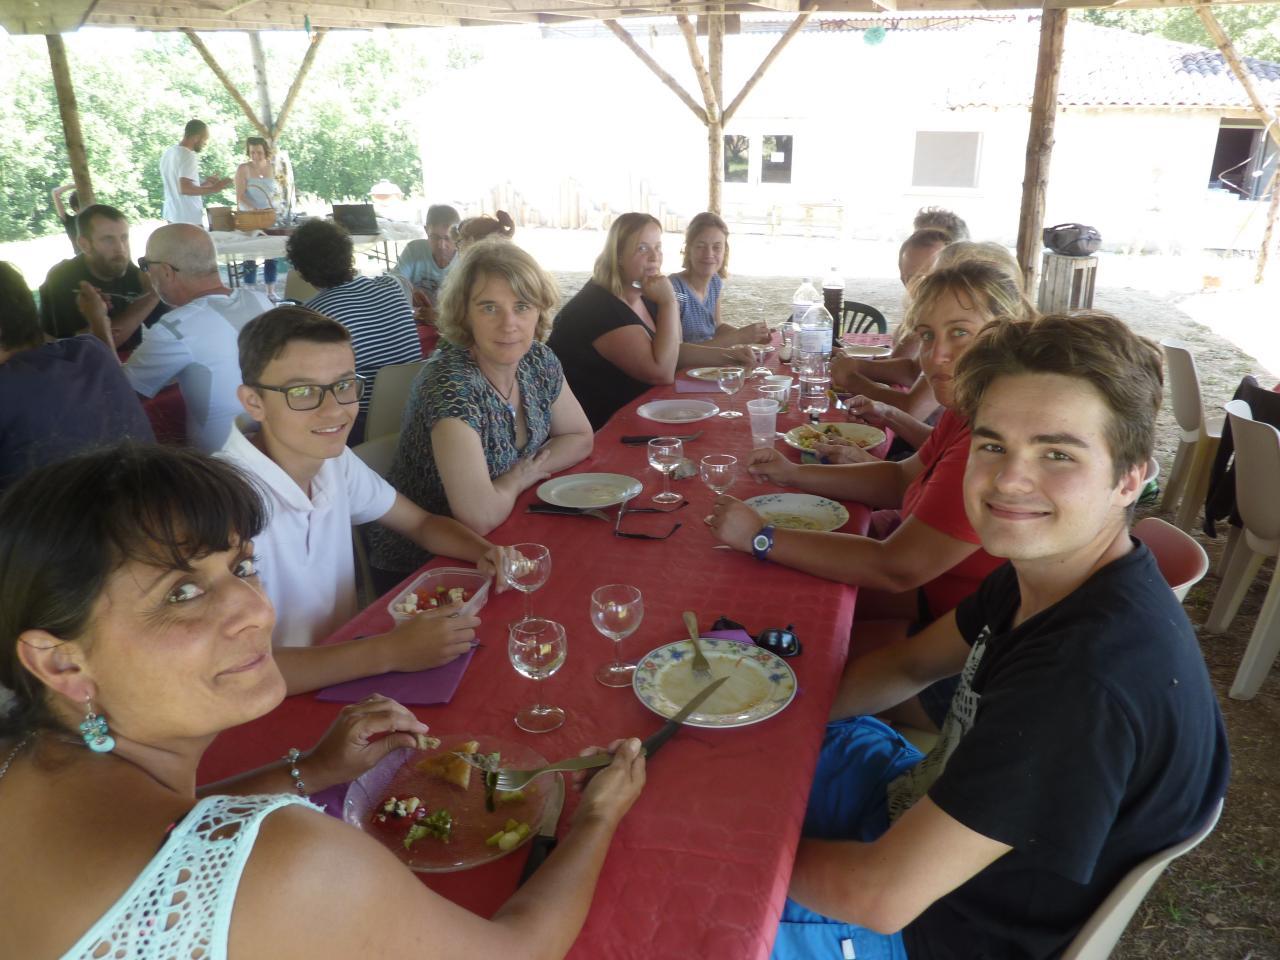 Sortie fin de saison Wa-Jutsu Agenais et Villeneuvois 25 juin 2017 St Pierre de Clairac